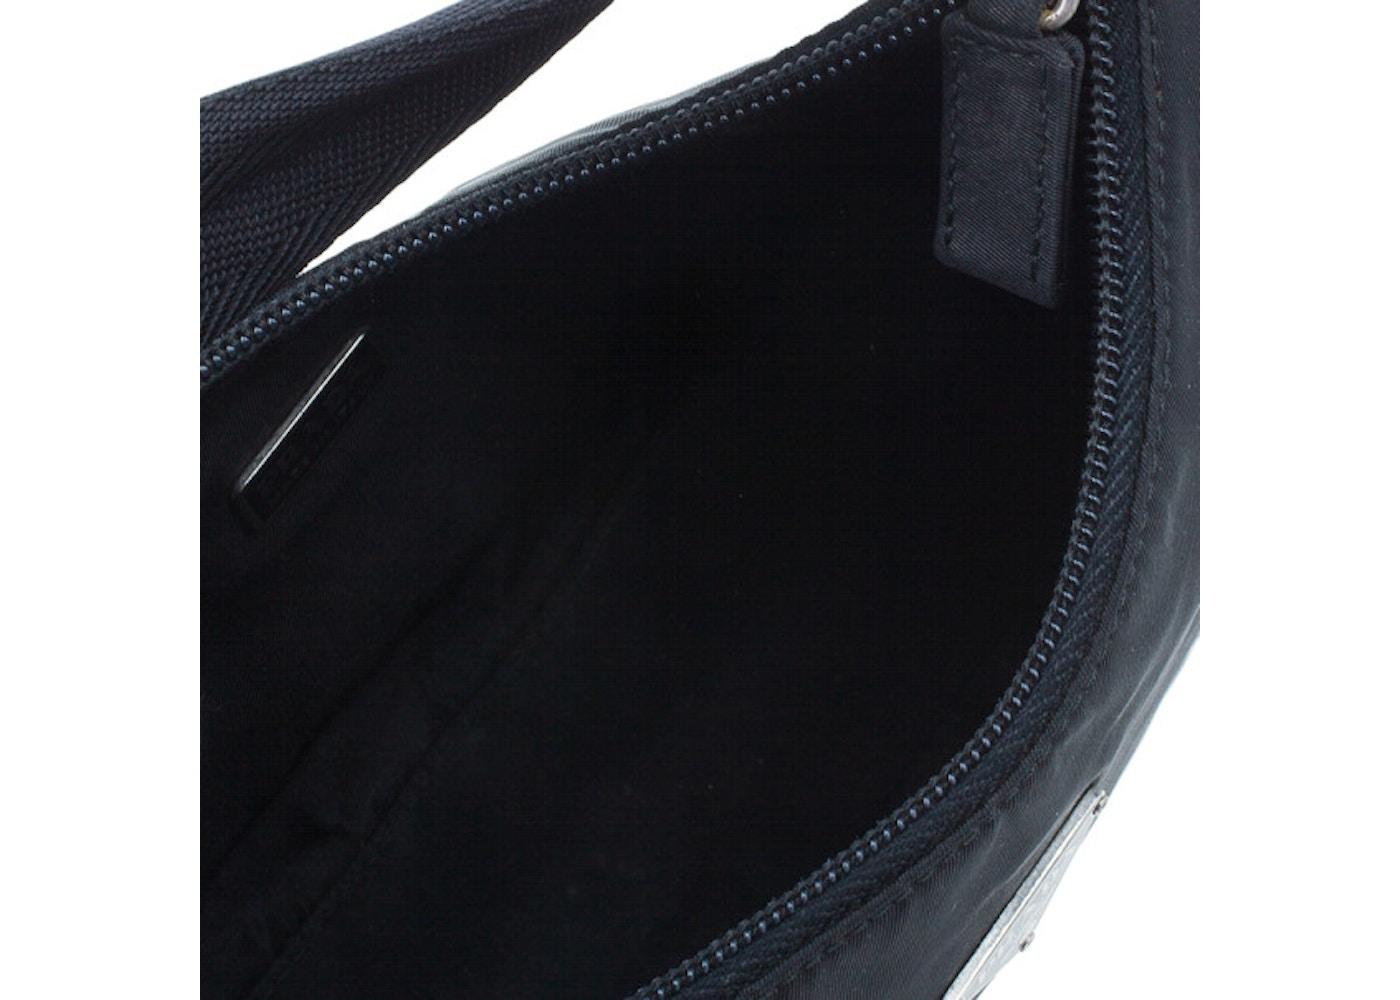 94db4c9e28c2 Prada Shoulder Bag Nylon Tessuto Mini Black